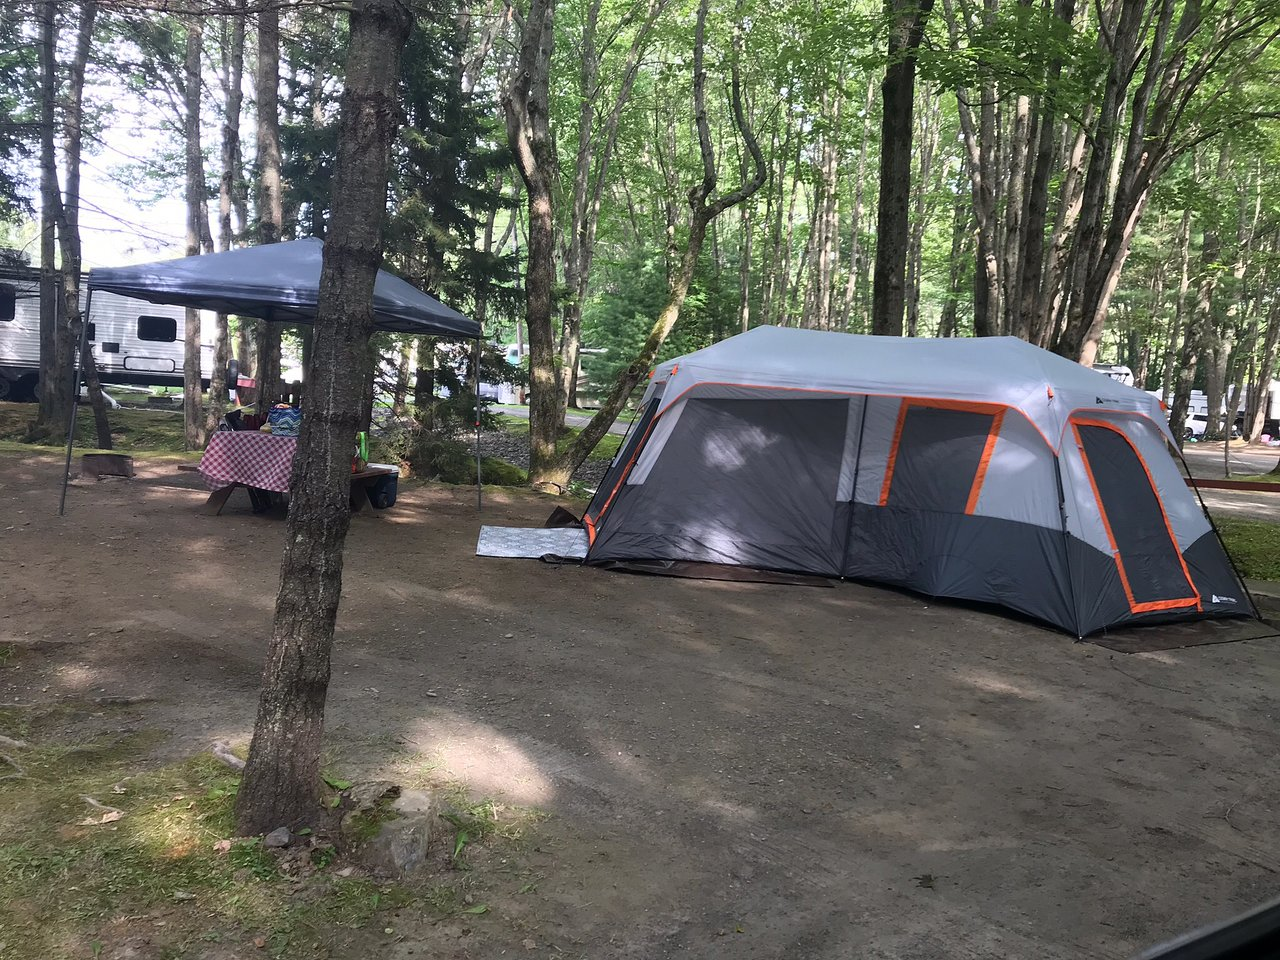 fuld hook up campingpladser i New York landskab dating gratis